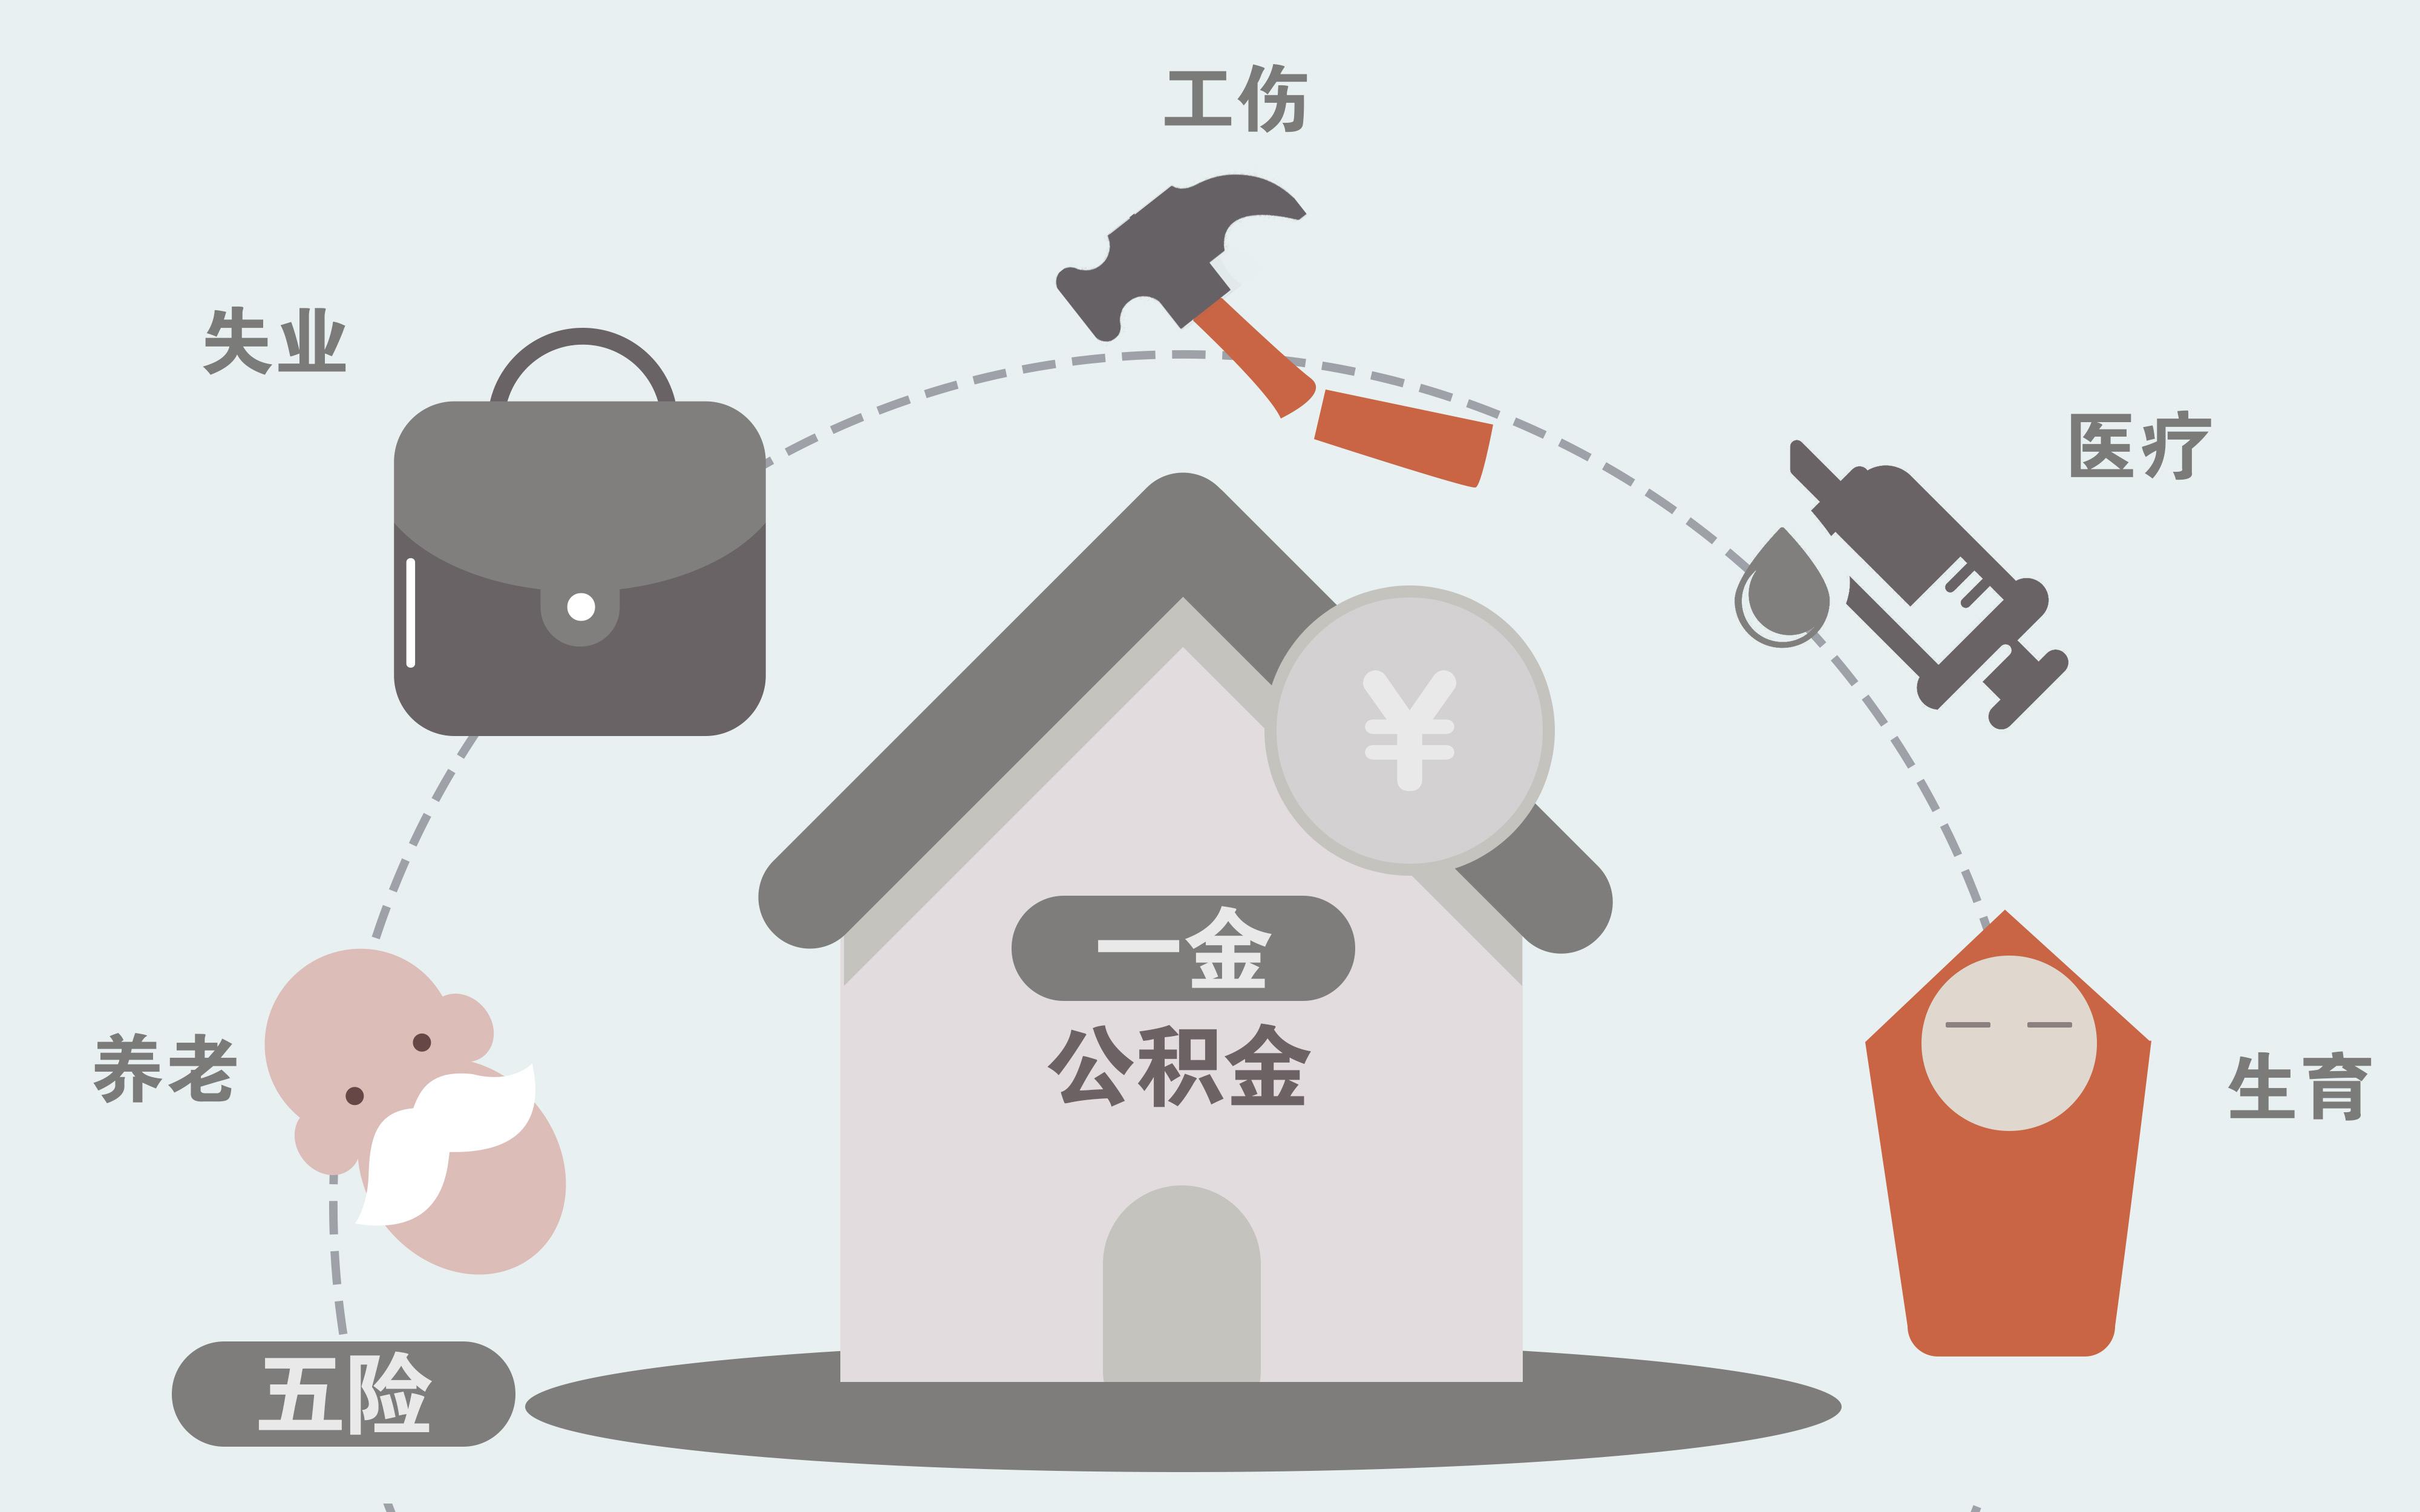 杭州淘宝店主没交过社保,要交多少钱?